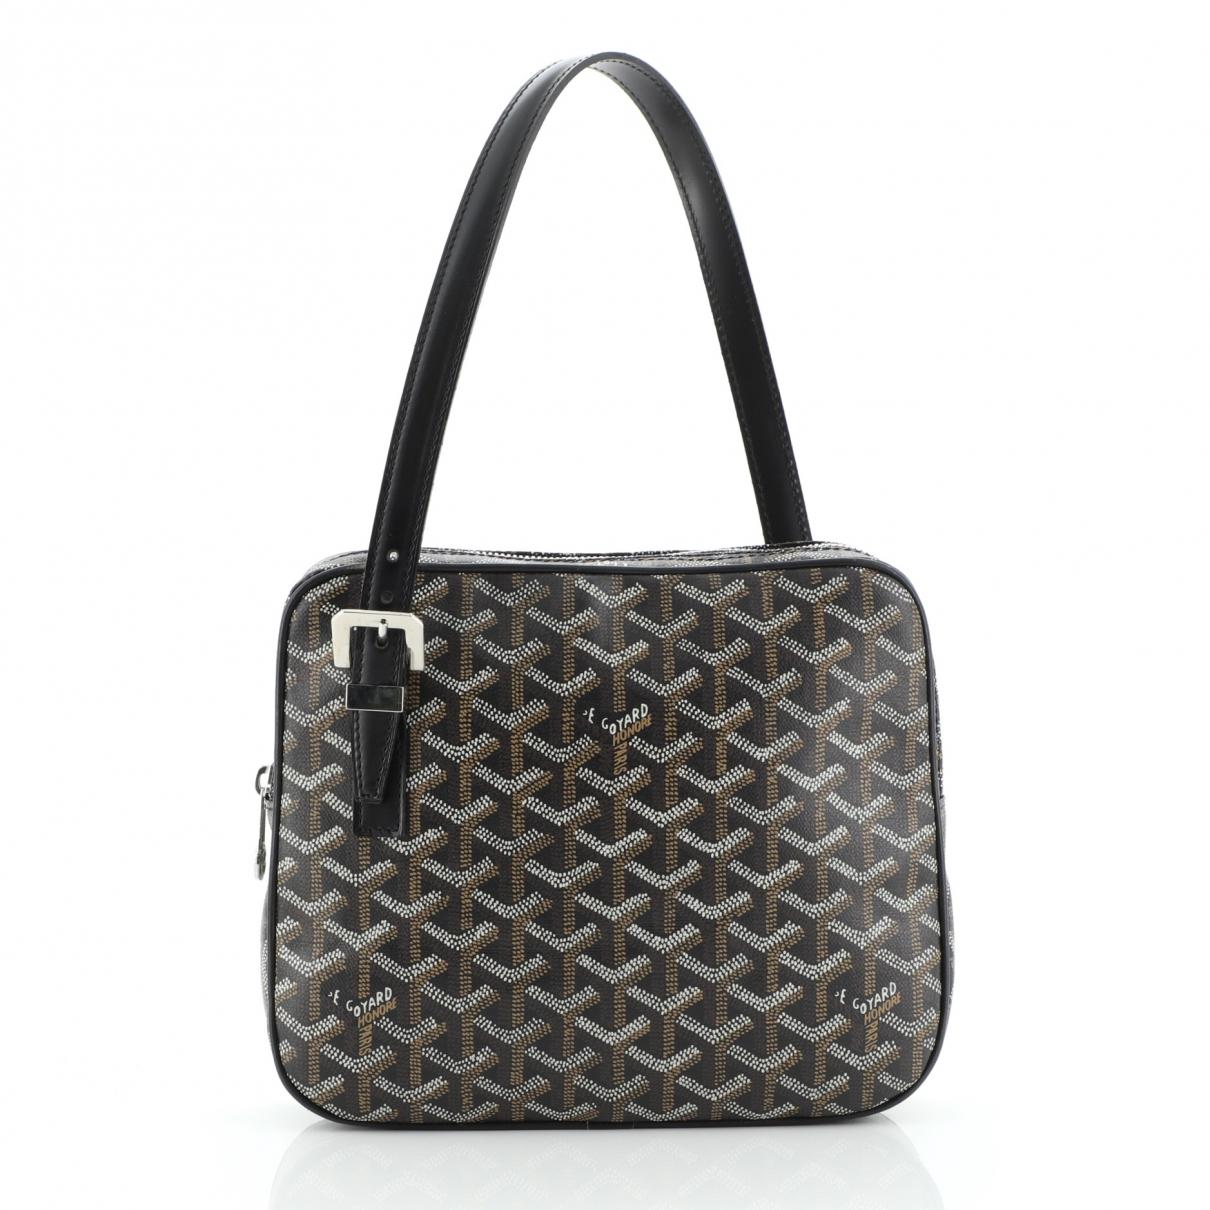 Goyard \N Handtasche in  Schwarz Leder